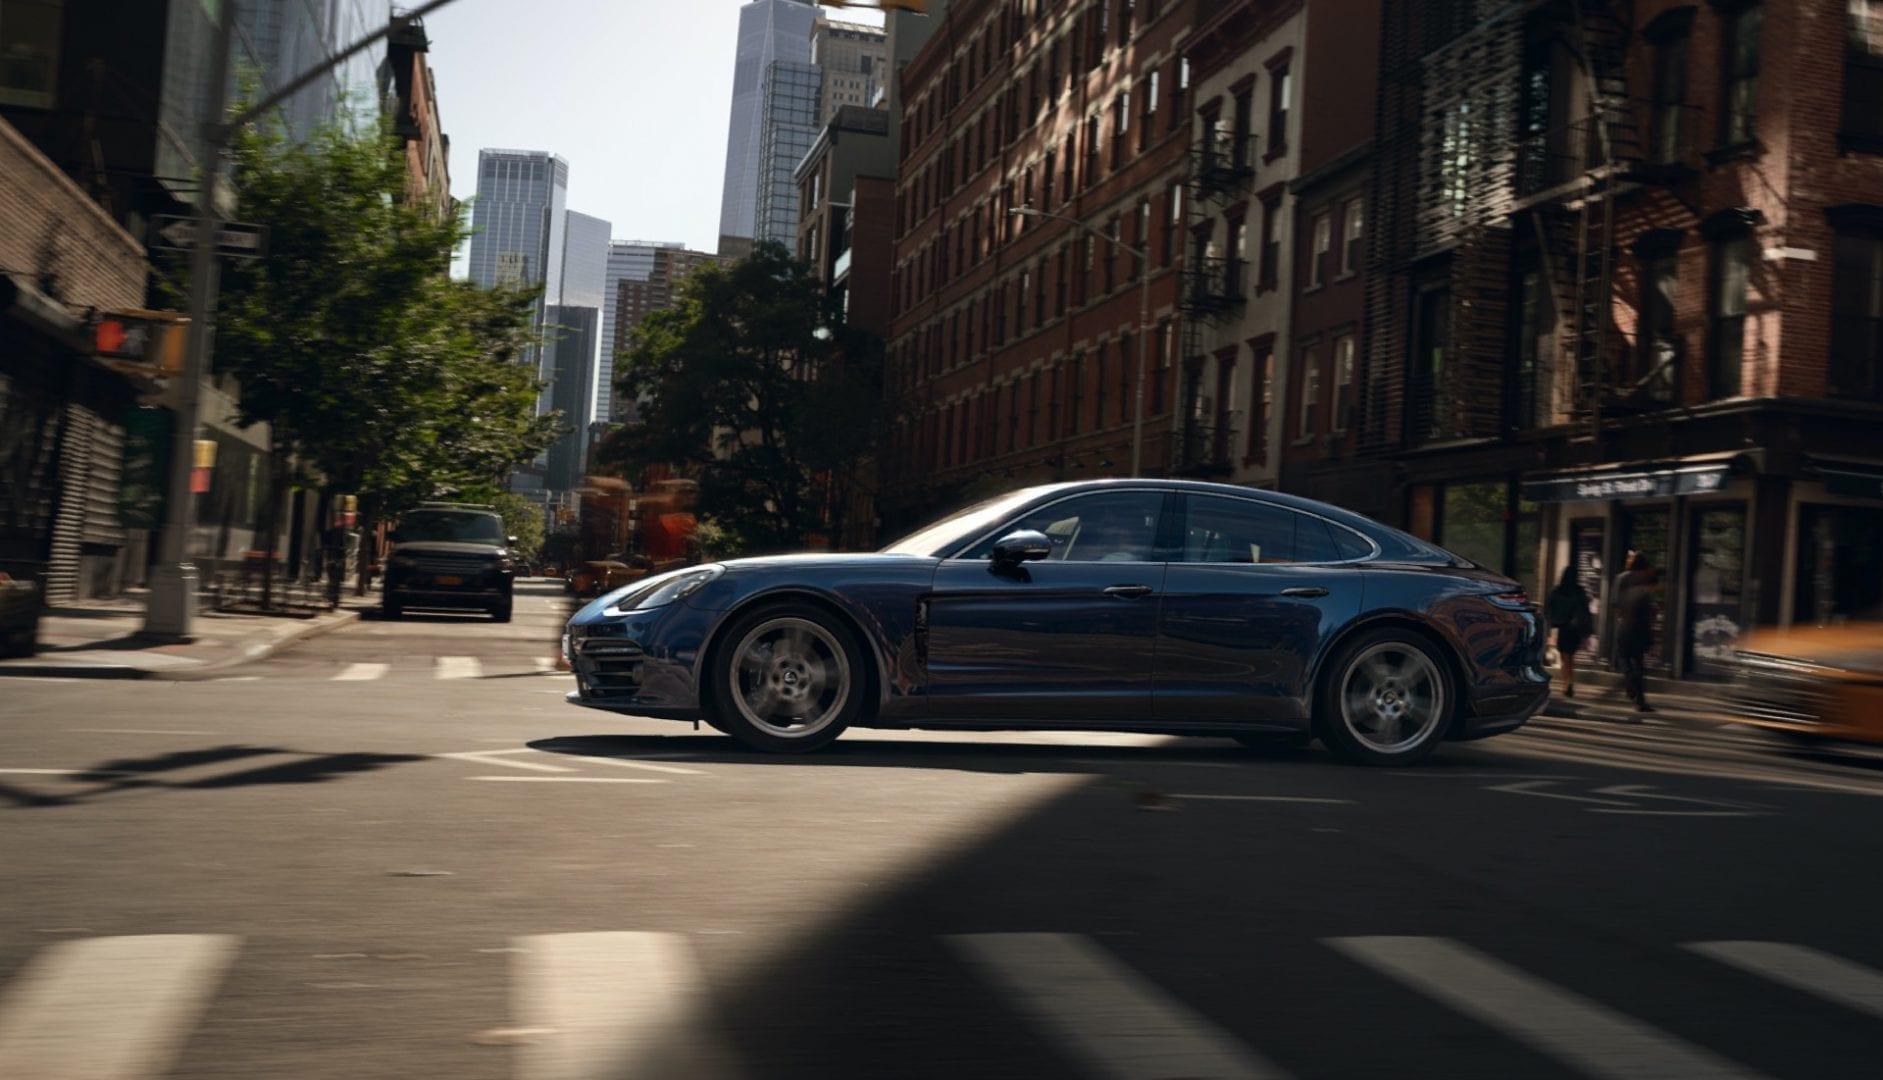 Porsche Panamera ylittää risteystä kaupungissa.